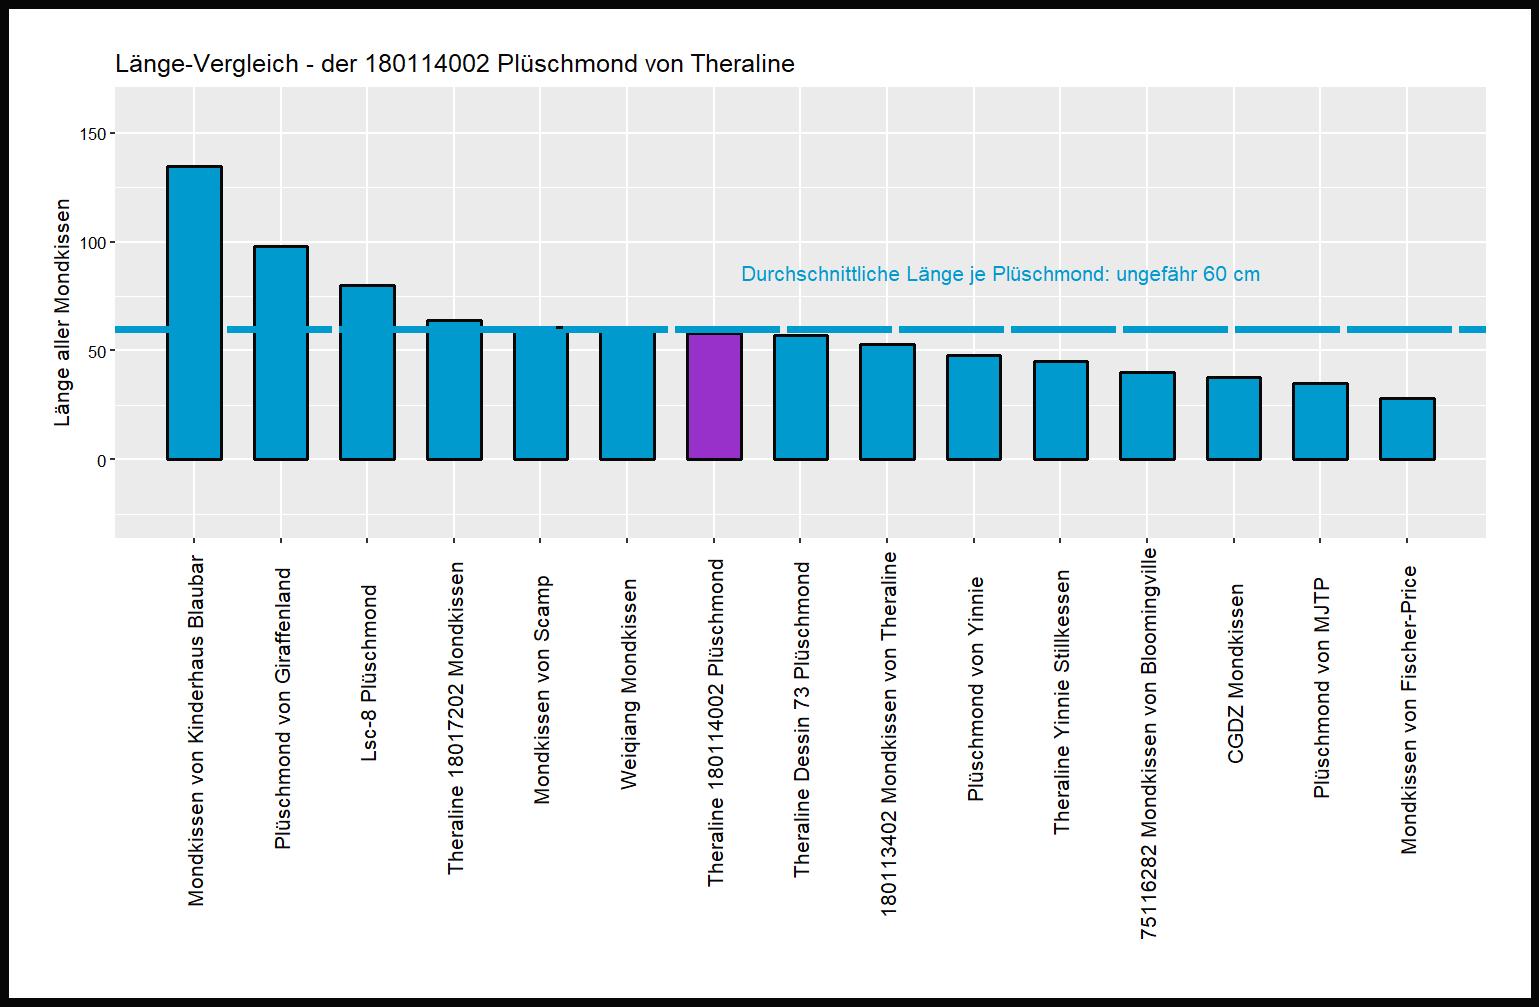 Länge-Vergleich von dem Theraline Mondkissen 180114002